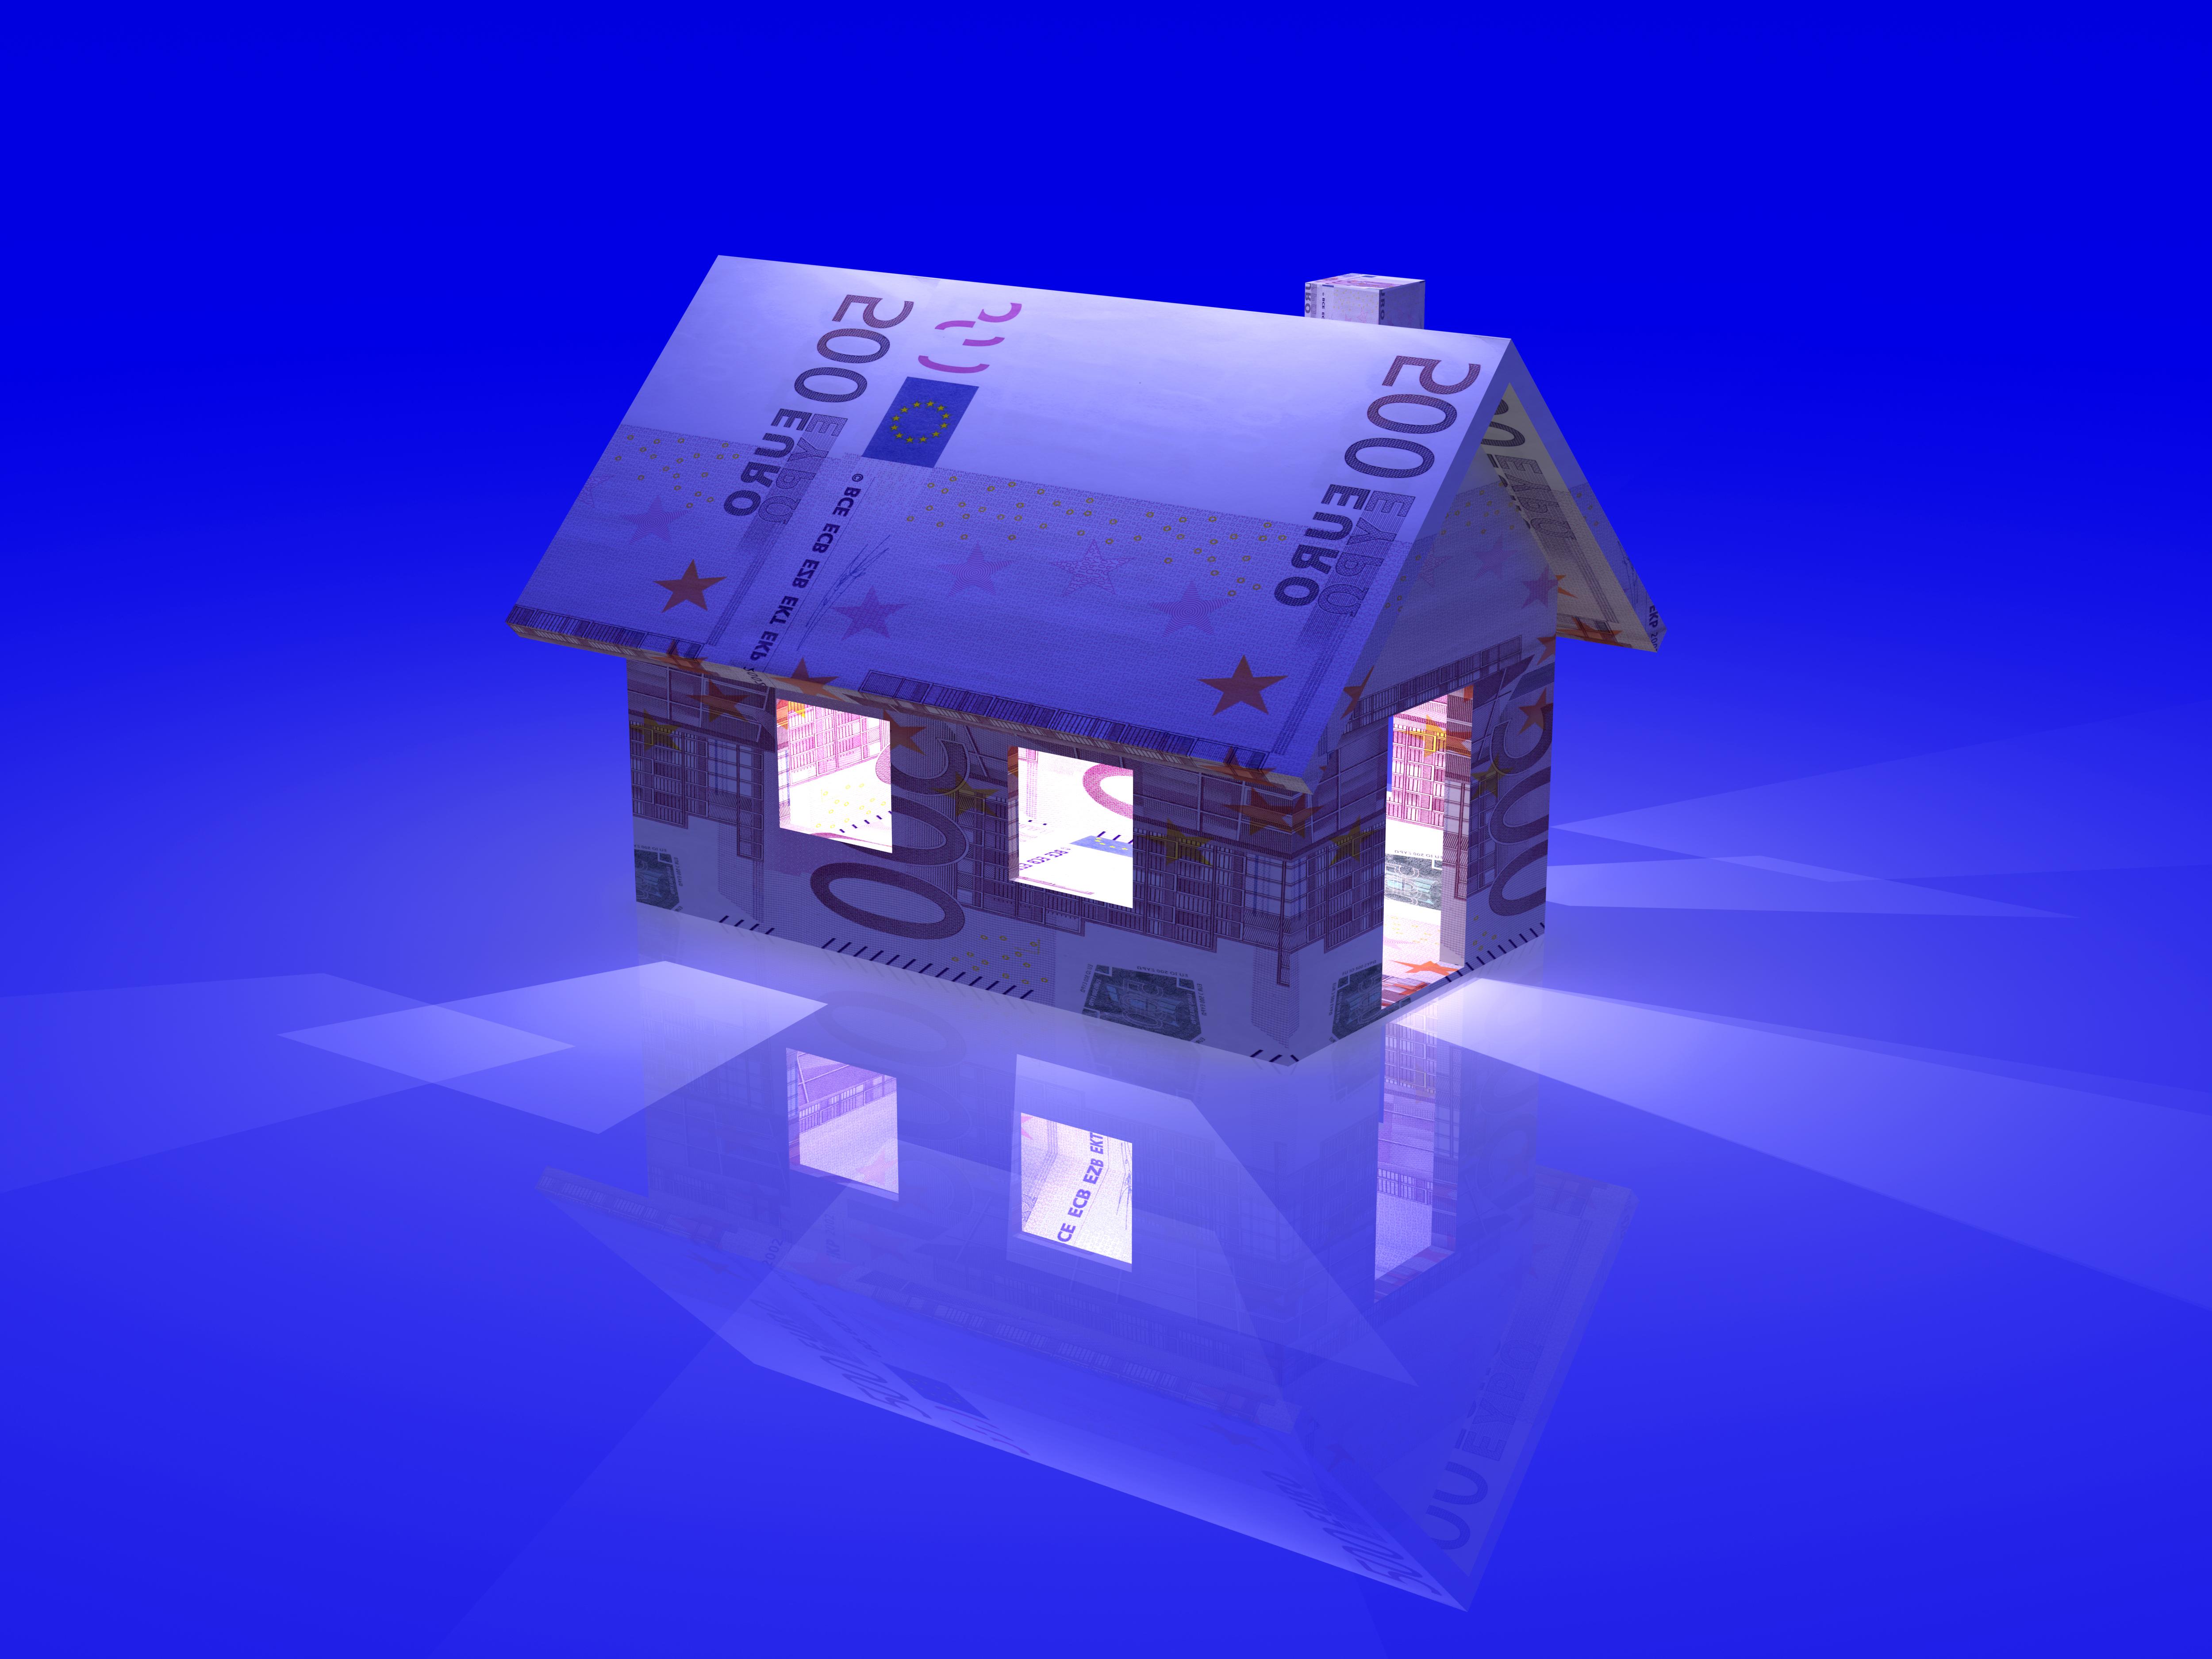 Aumento prezzo petrolio e mutui / Gtres